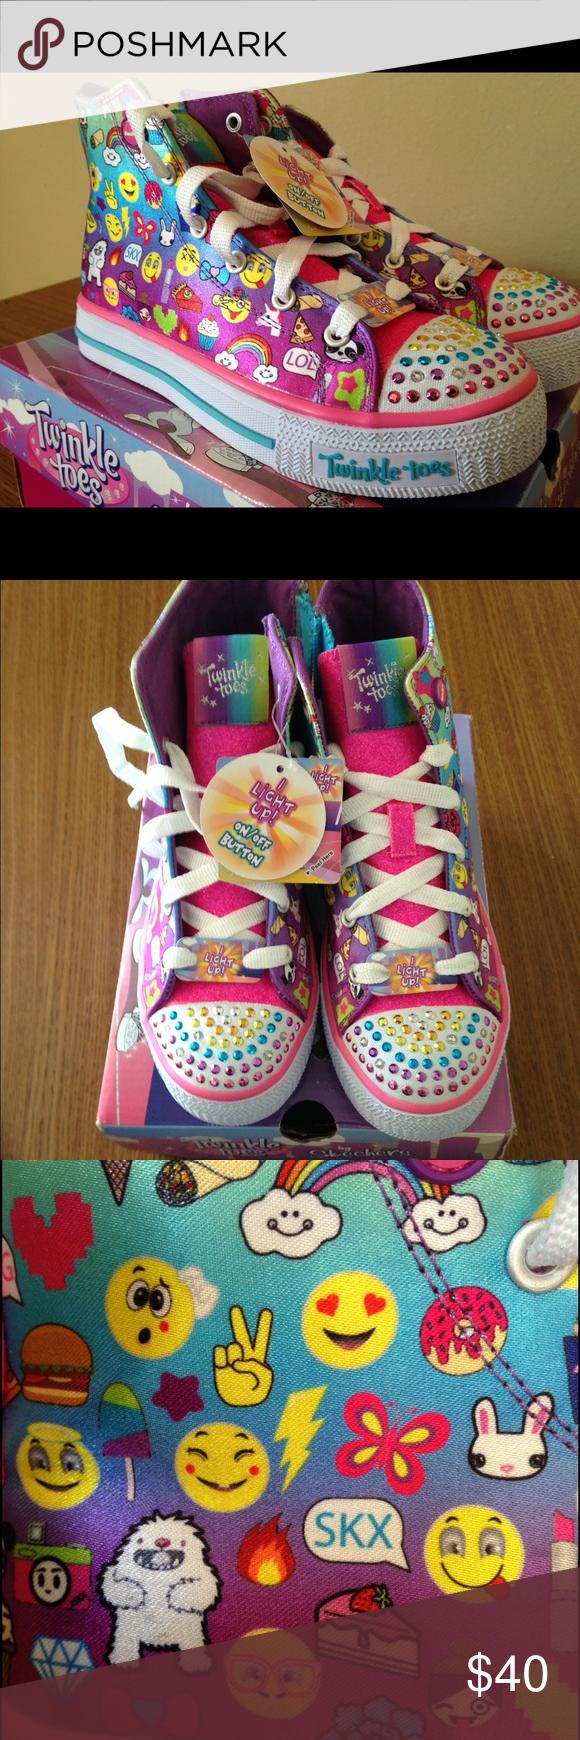 Skechers twinkle toes size 1. Still in